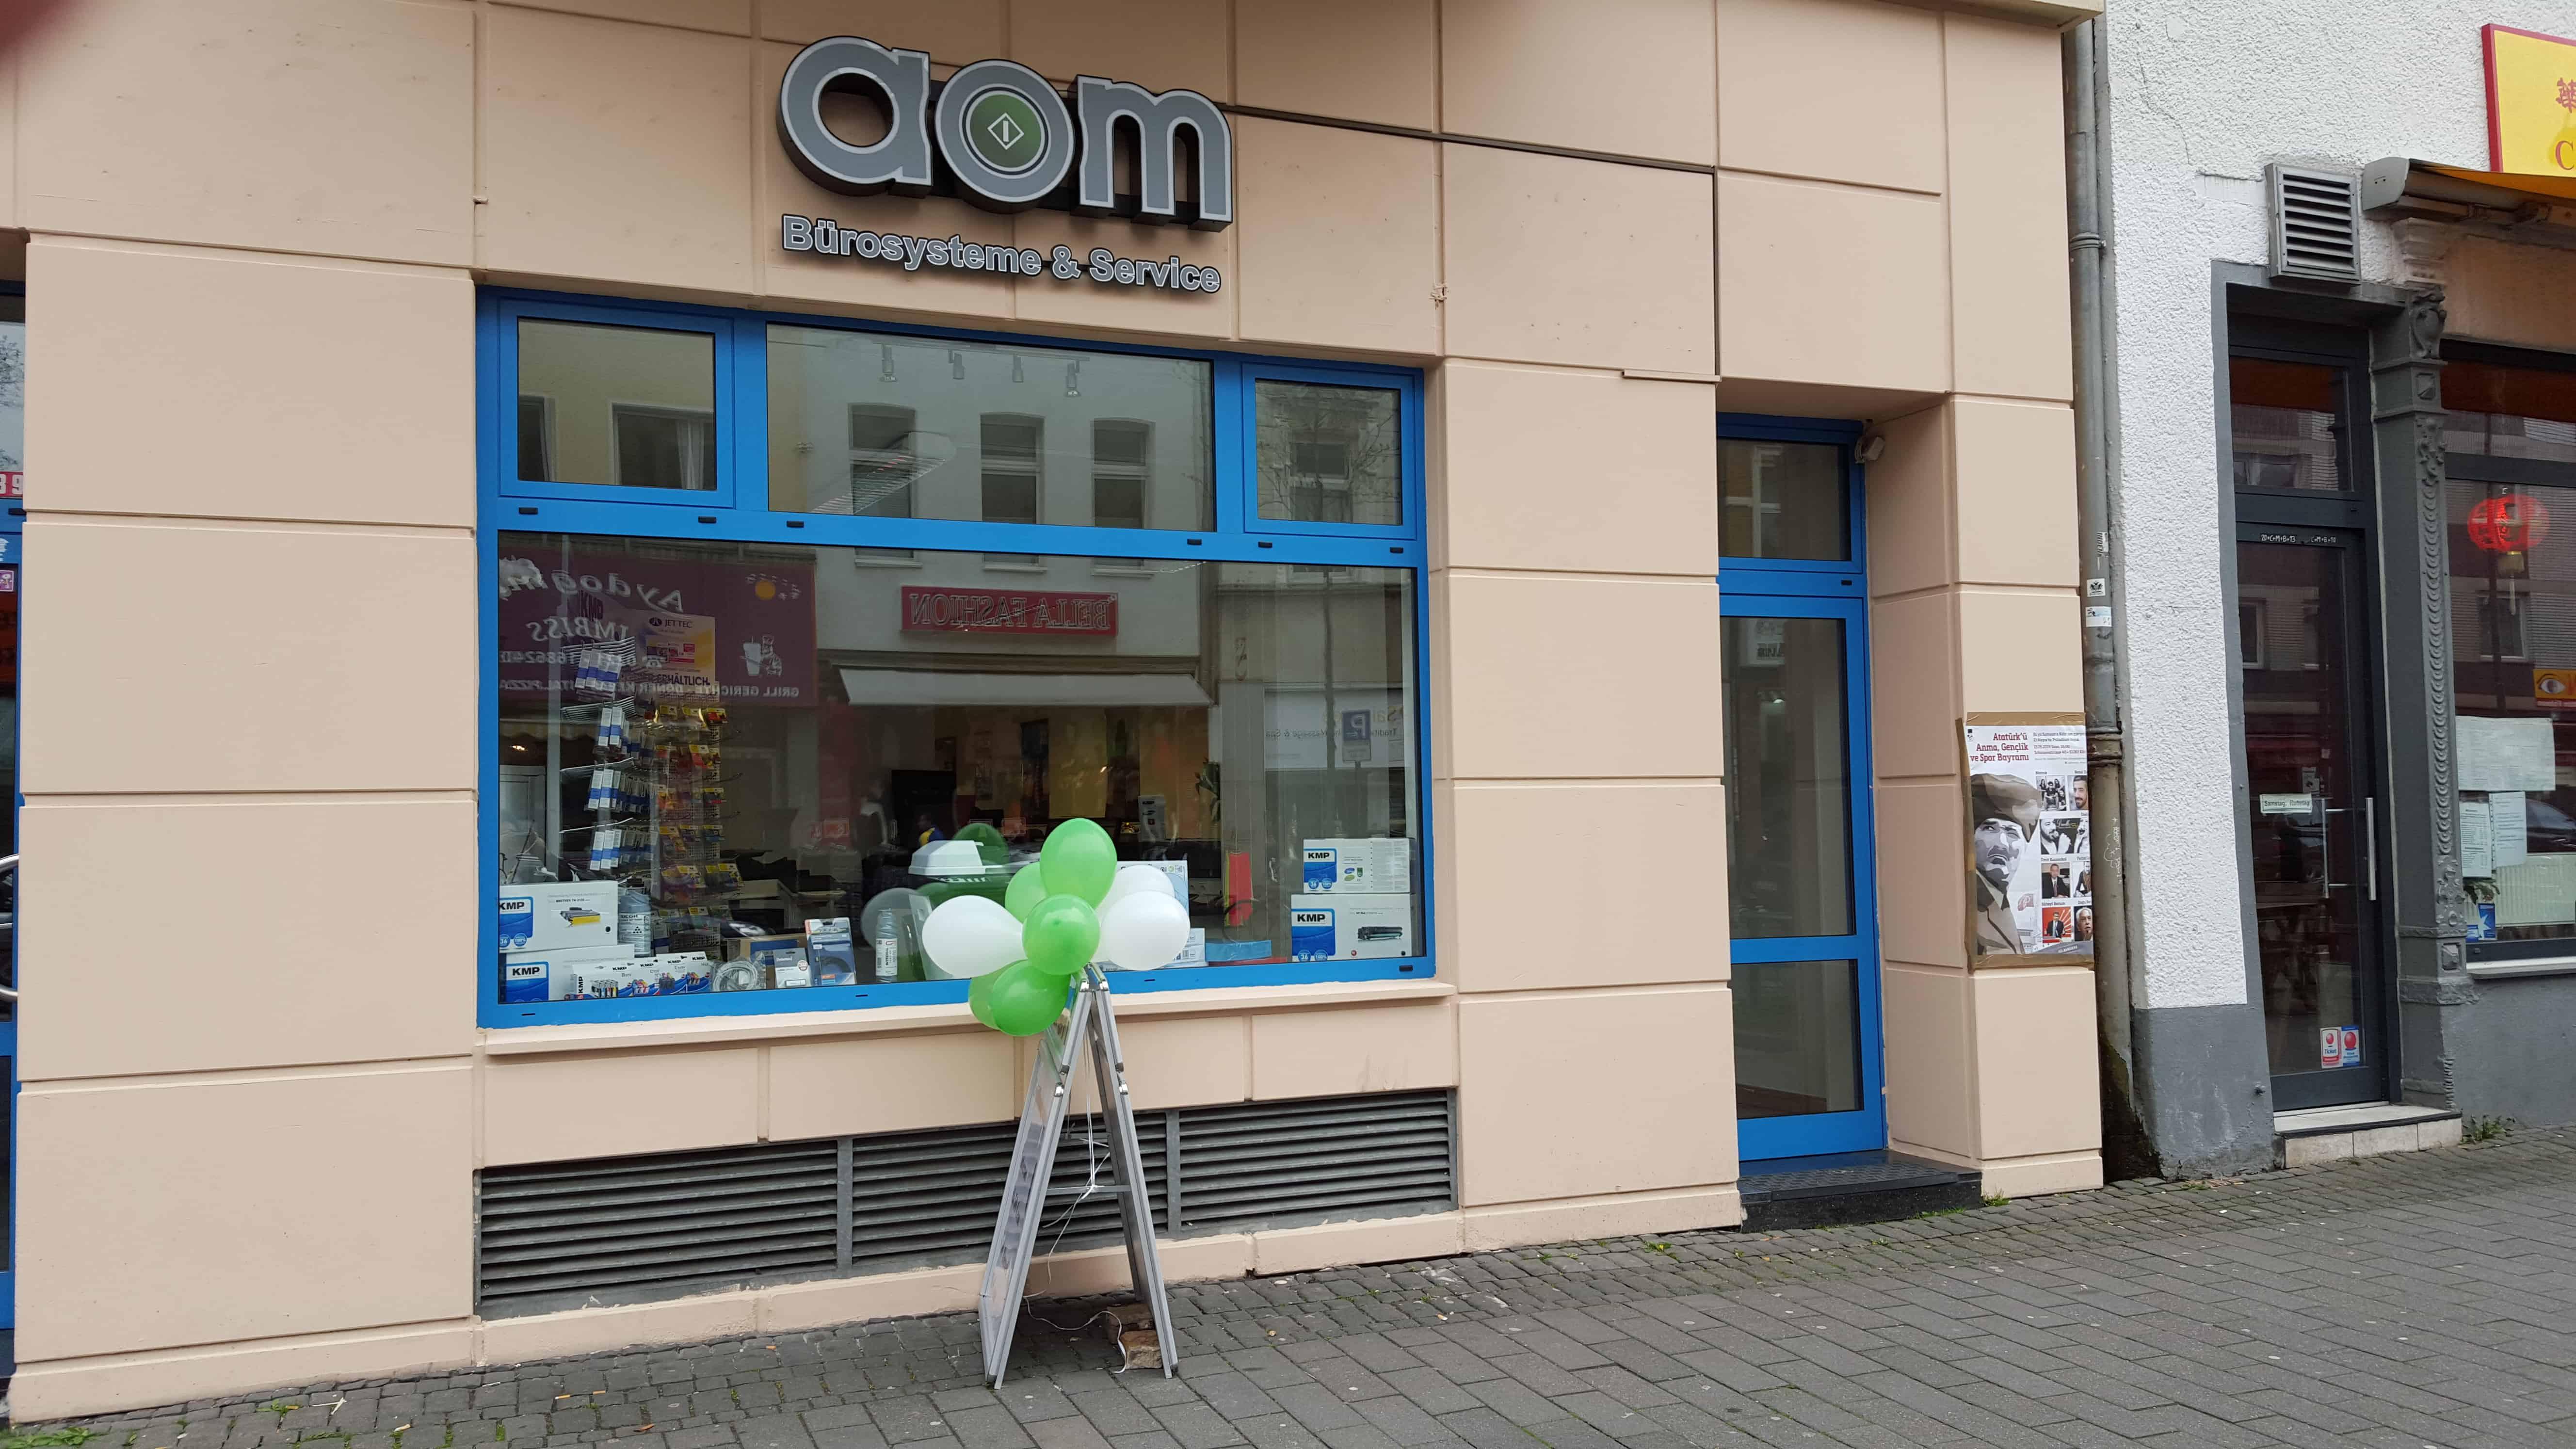 Ladenlokal in Köln